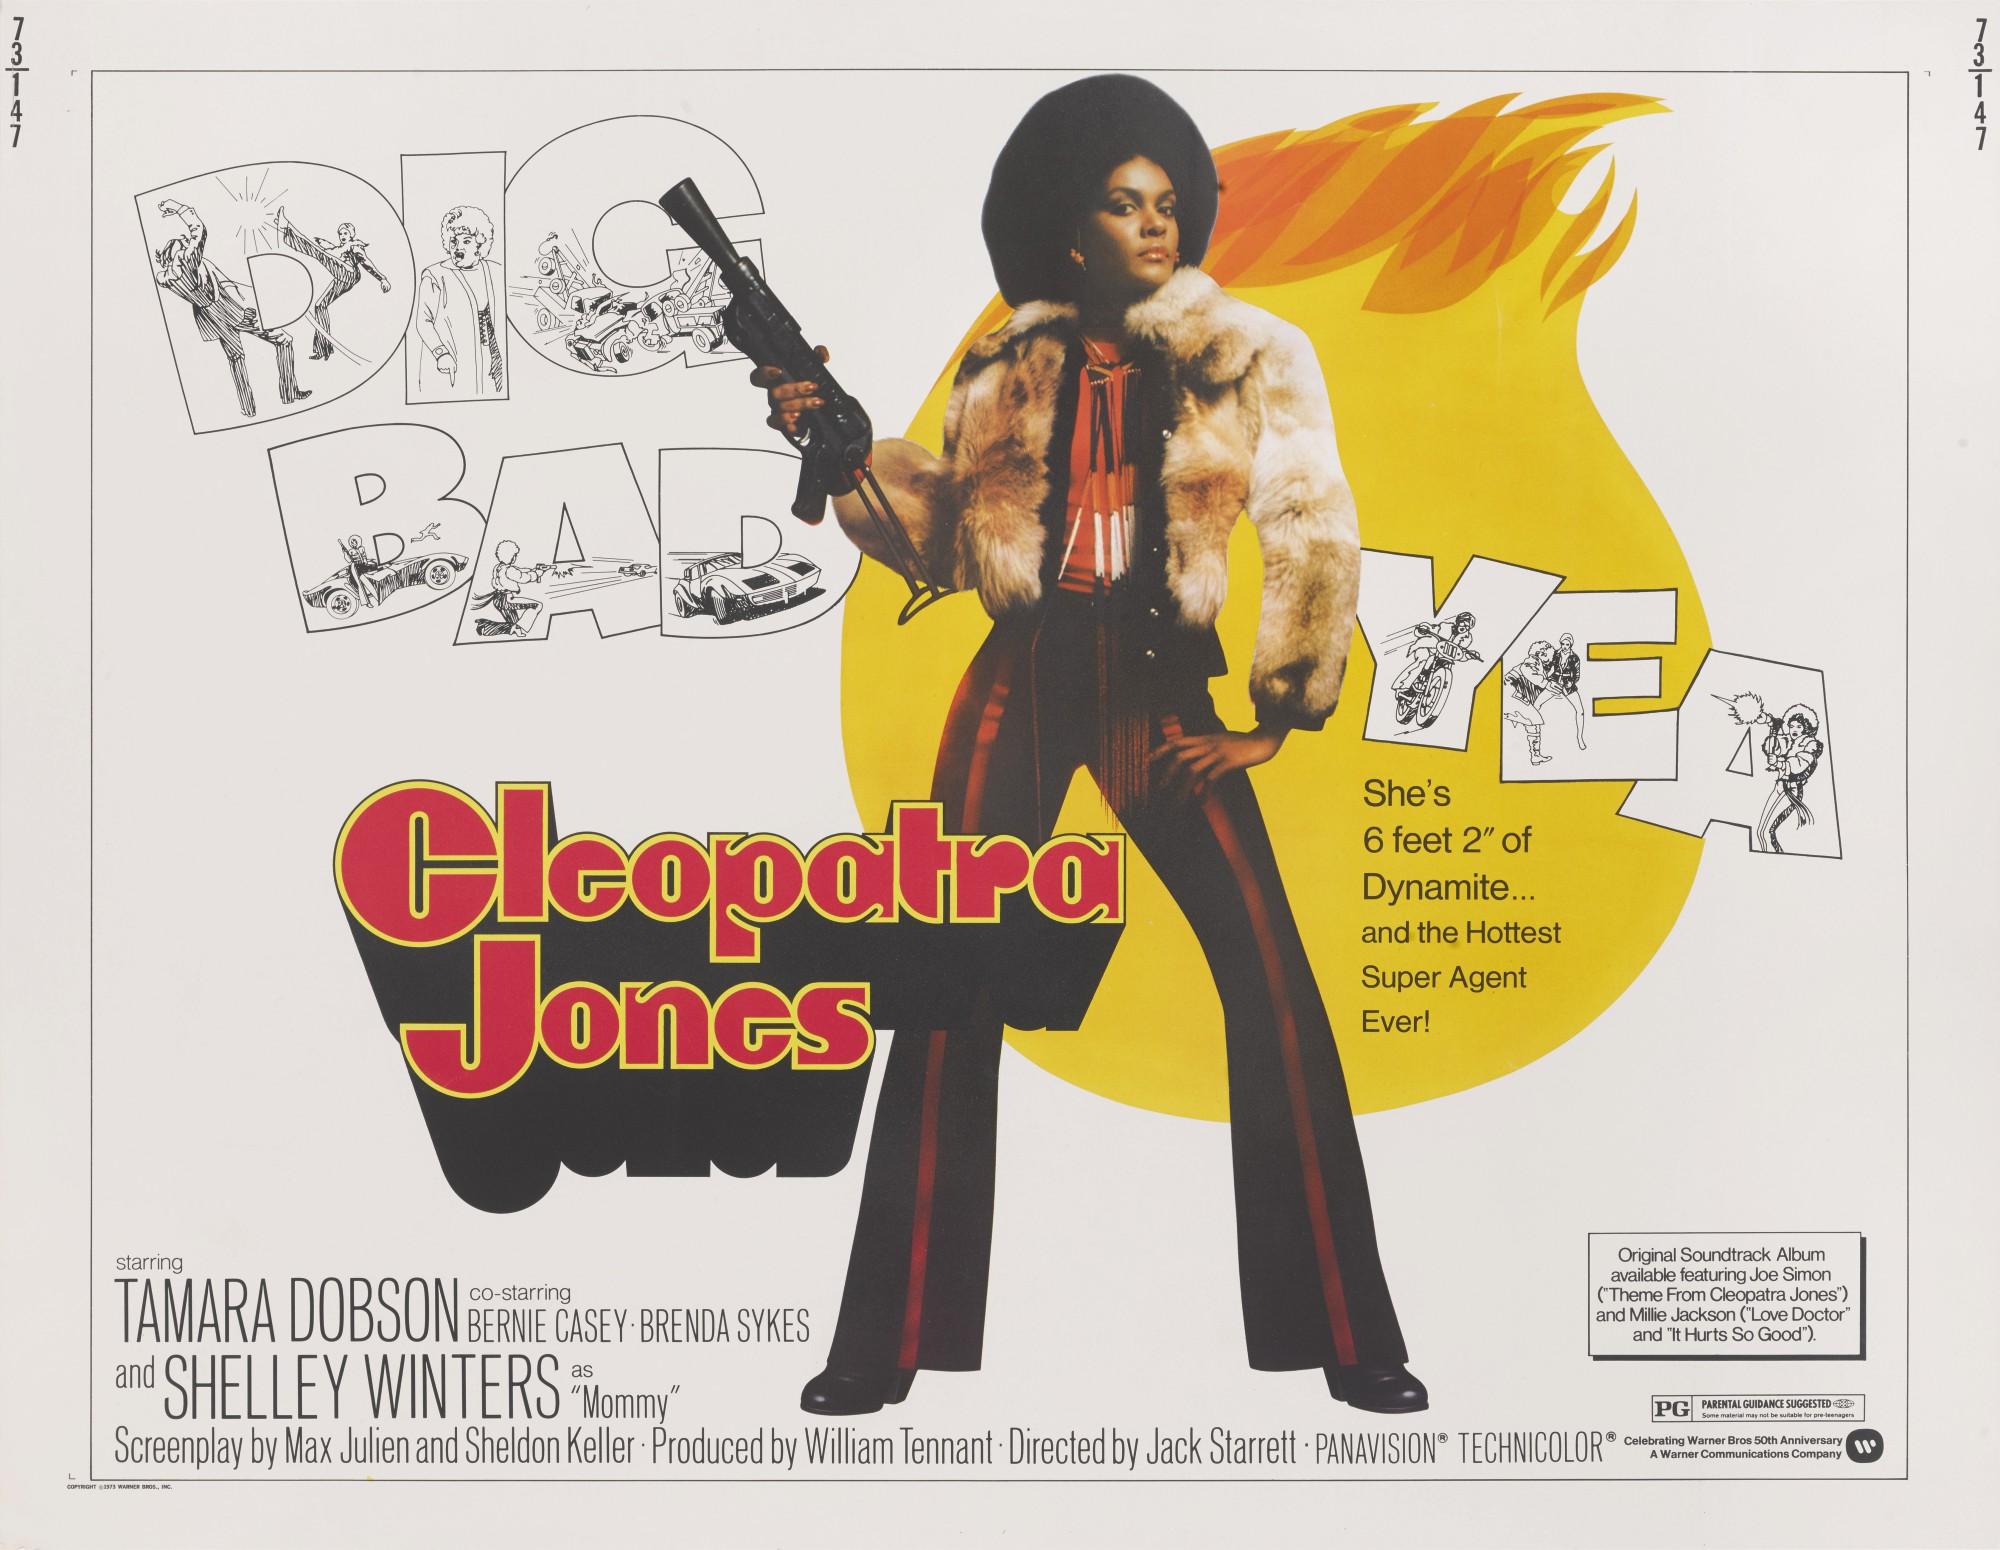 Cleopatra Jones 1973 Poster Us Original Film Posters Online2020 Sotheby S